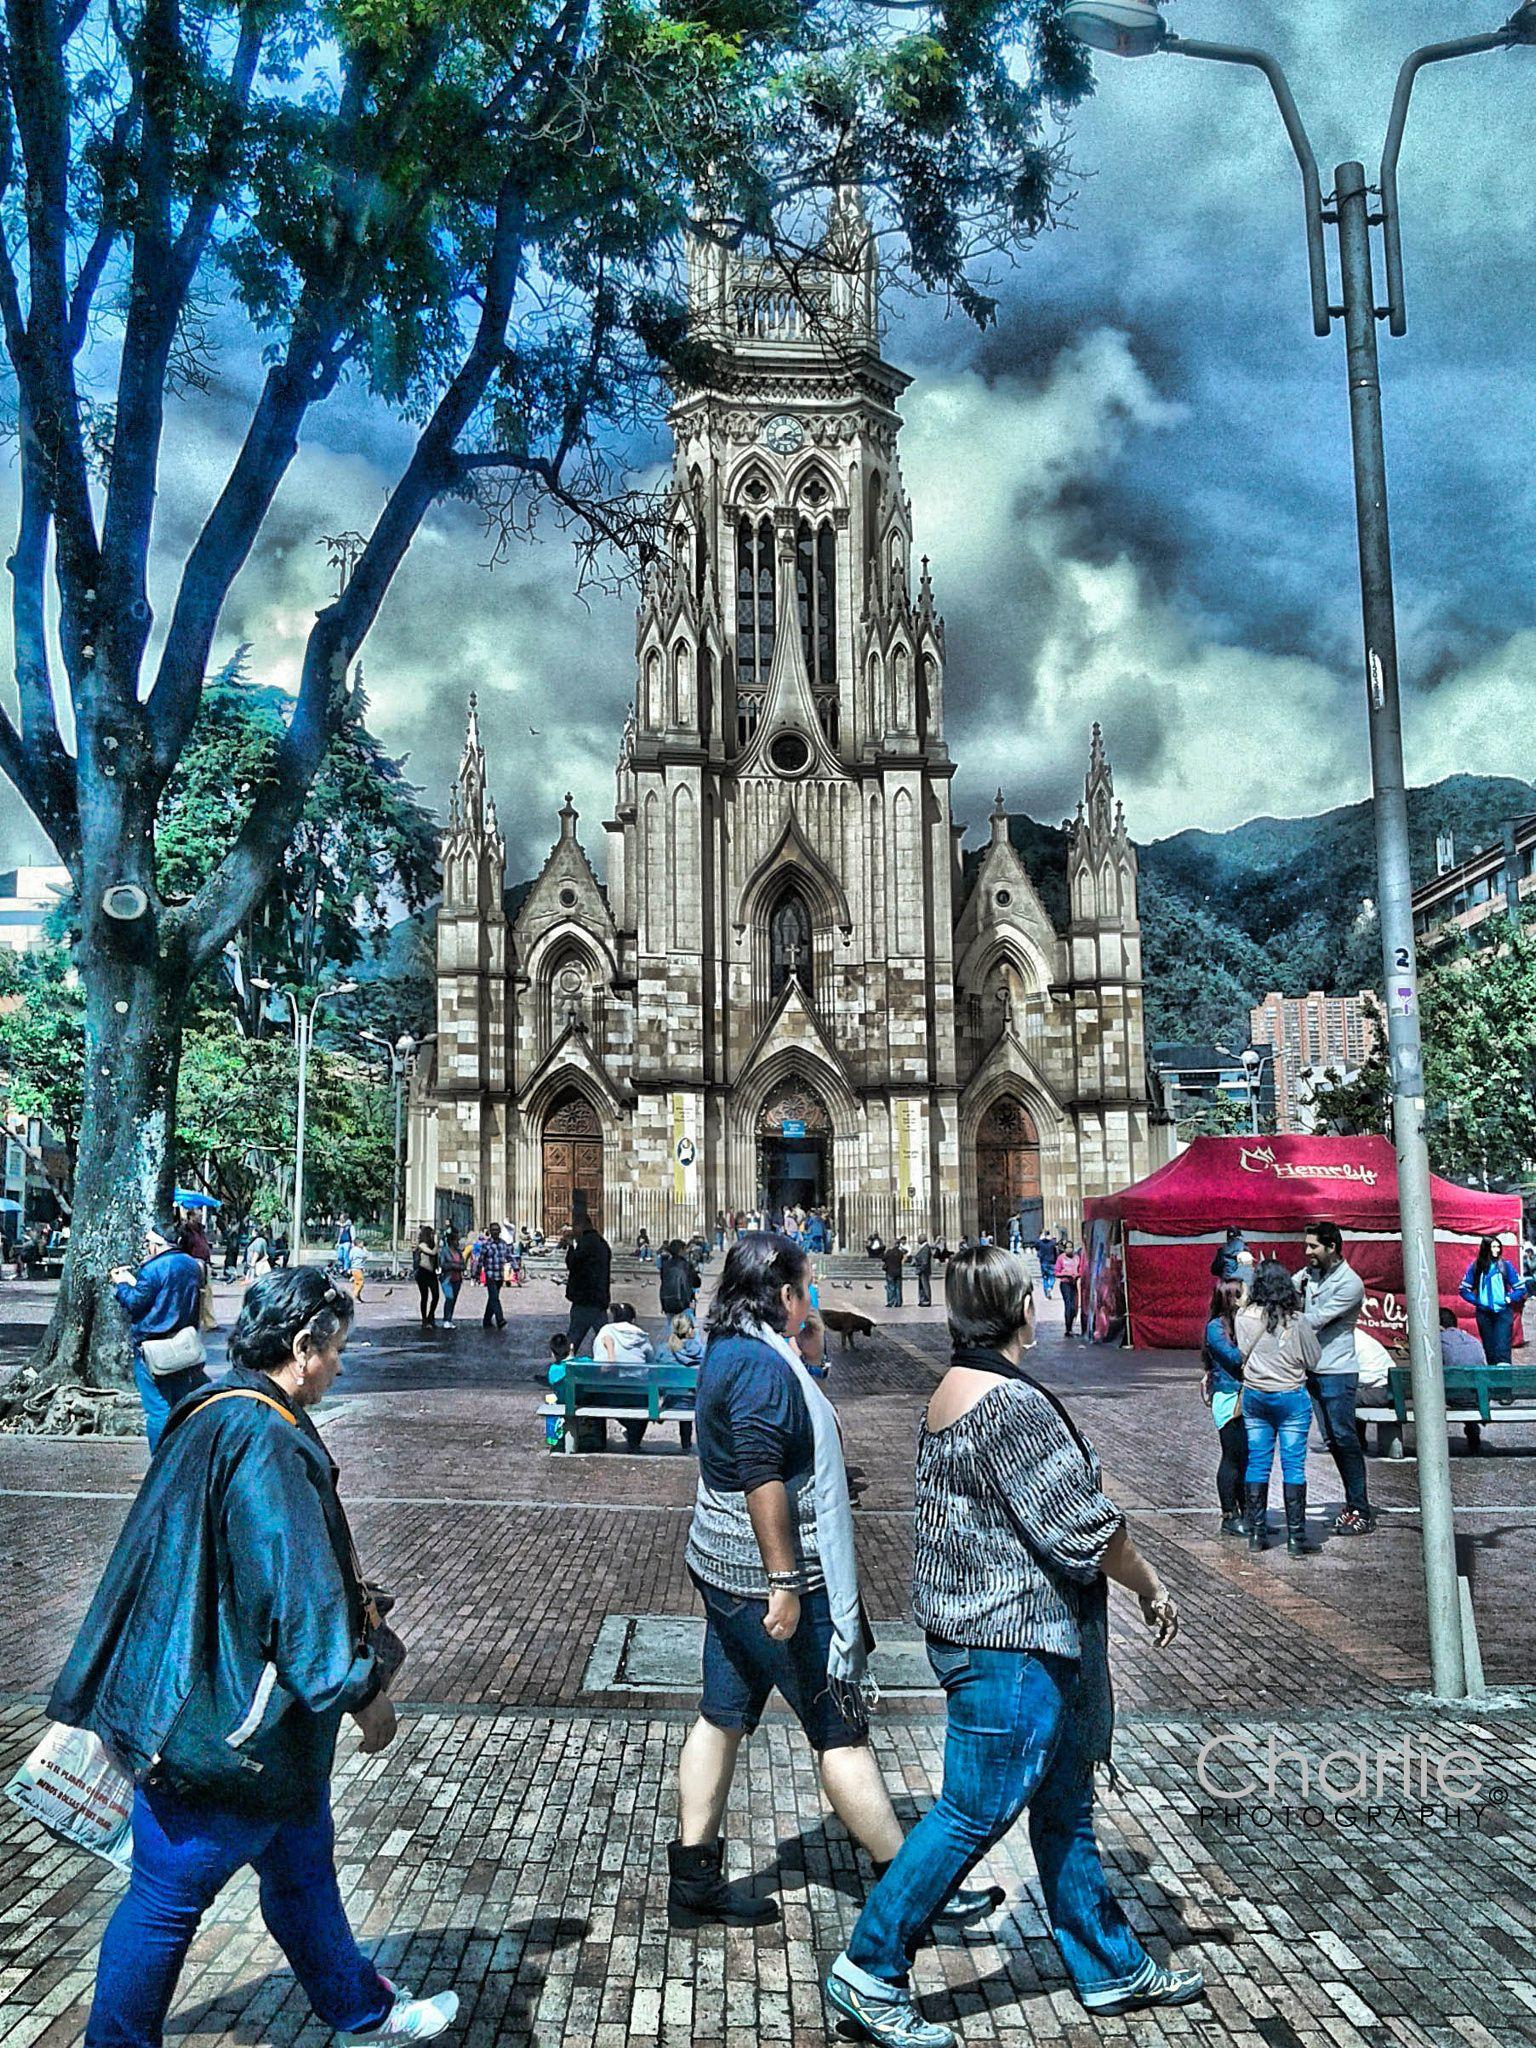 Muebles Becco Bogota - Templo De Lourdes Bogot D C Hdr Null Colombia Pinterest [mjhdah]https://s-media-cache-ak0.pinimg.com/originals/88/d6/8a/88d68a902a5ac1deb8046301481d6ef6.jpg